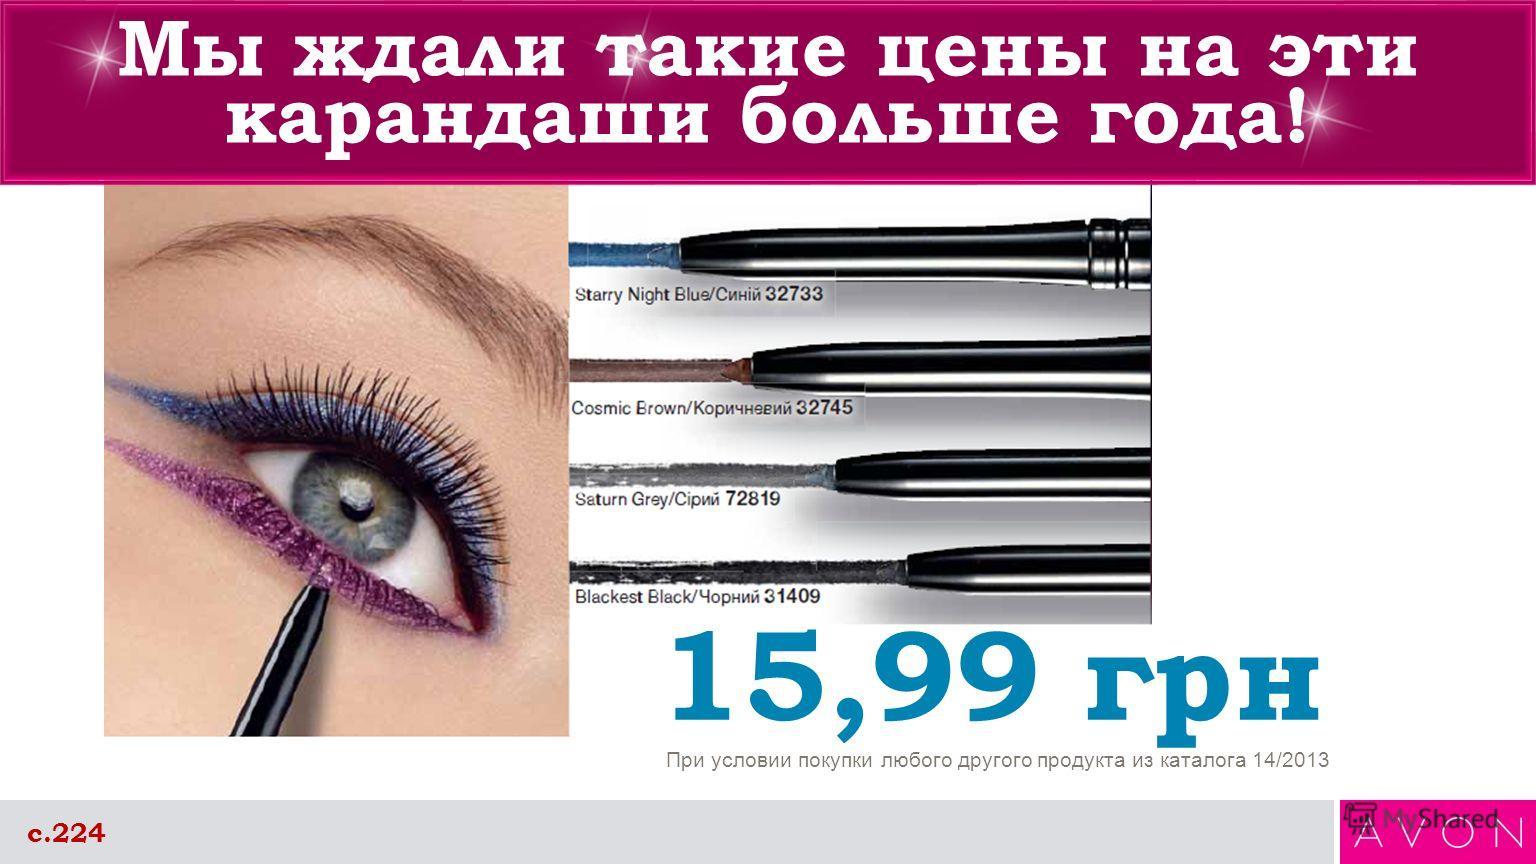 Мы ждали такие цены на эти карандаши больше года! с.224 15,99 грн При условии покупки любого другого продукта из каталога 14/2013